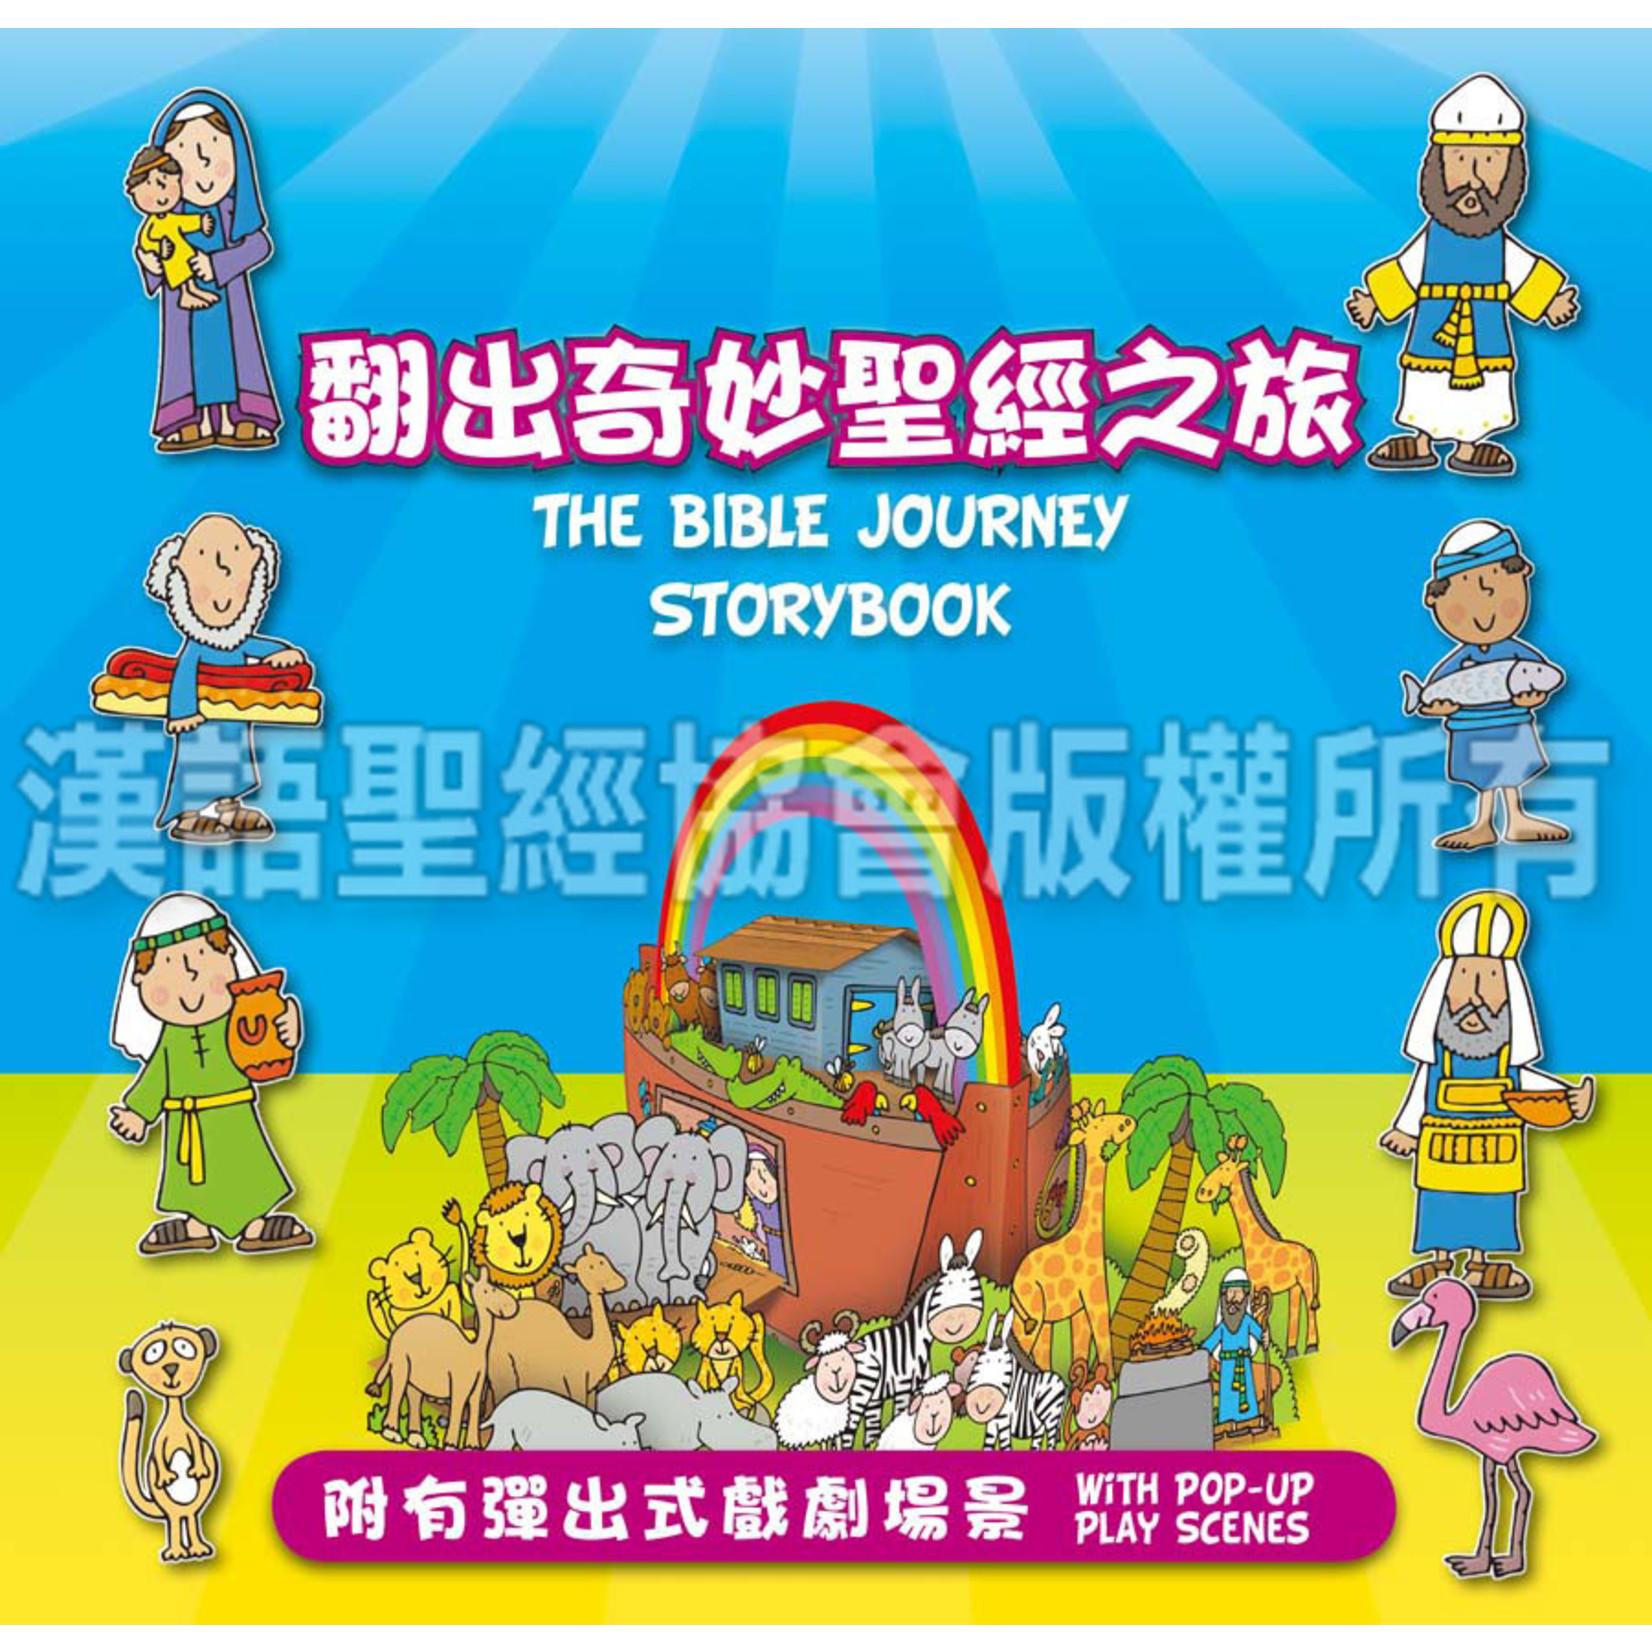 漢語聖經協會 Chinese Bible International 翻出奇妙聖經之旅(附有彈出式戲劇場景)(繁體) The Bible Journey Storybook